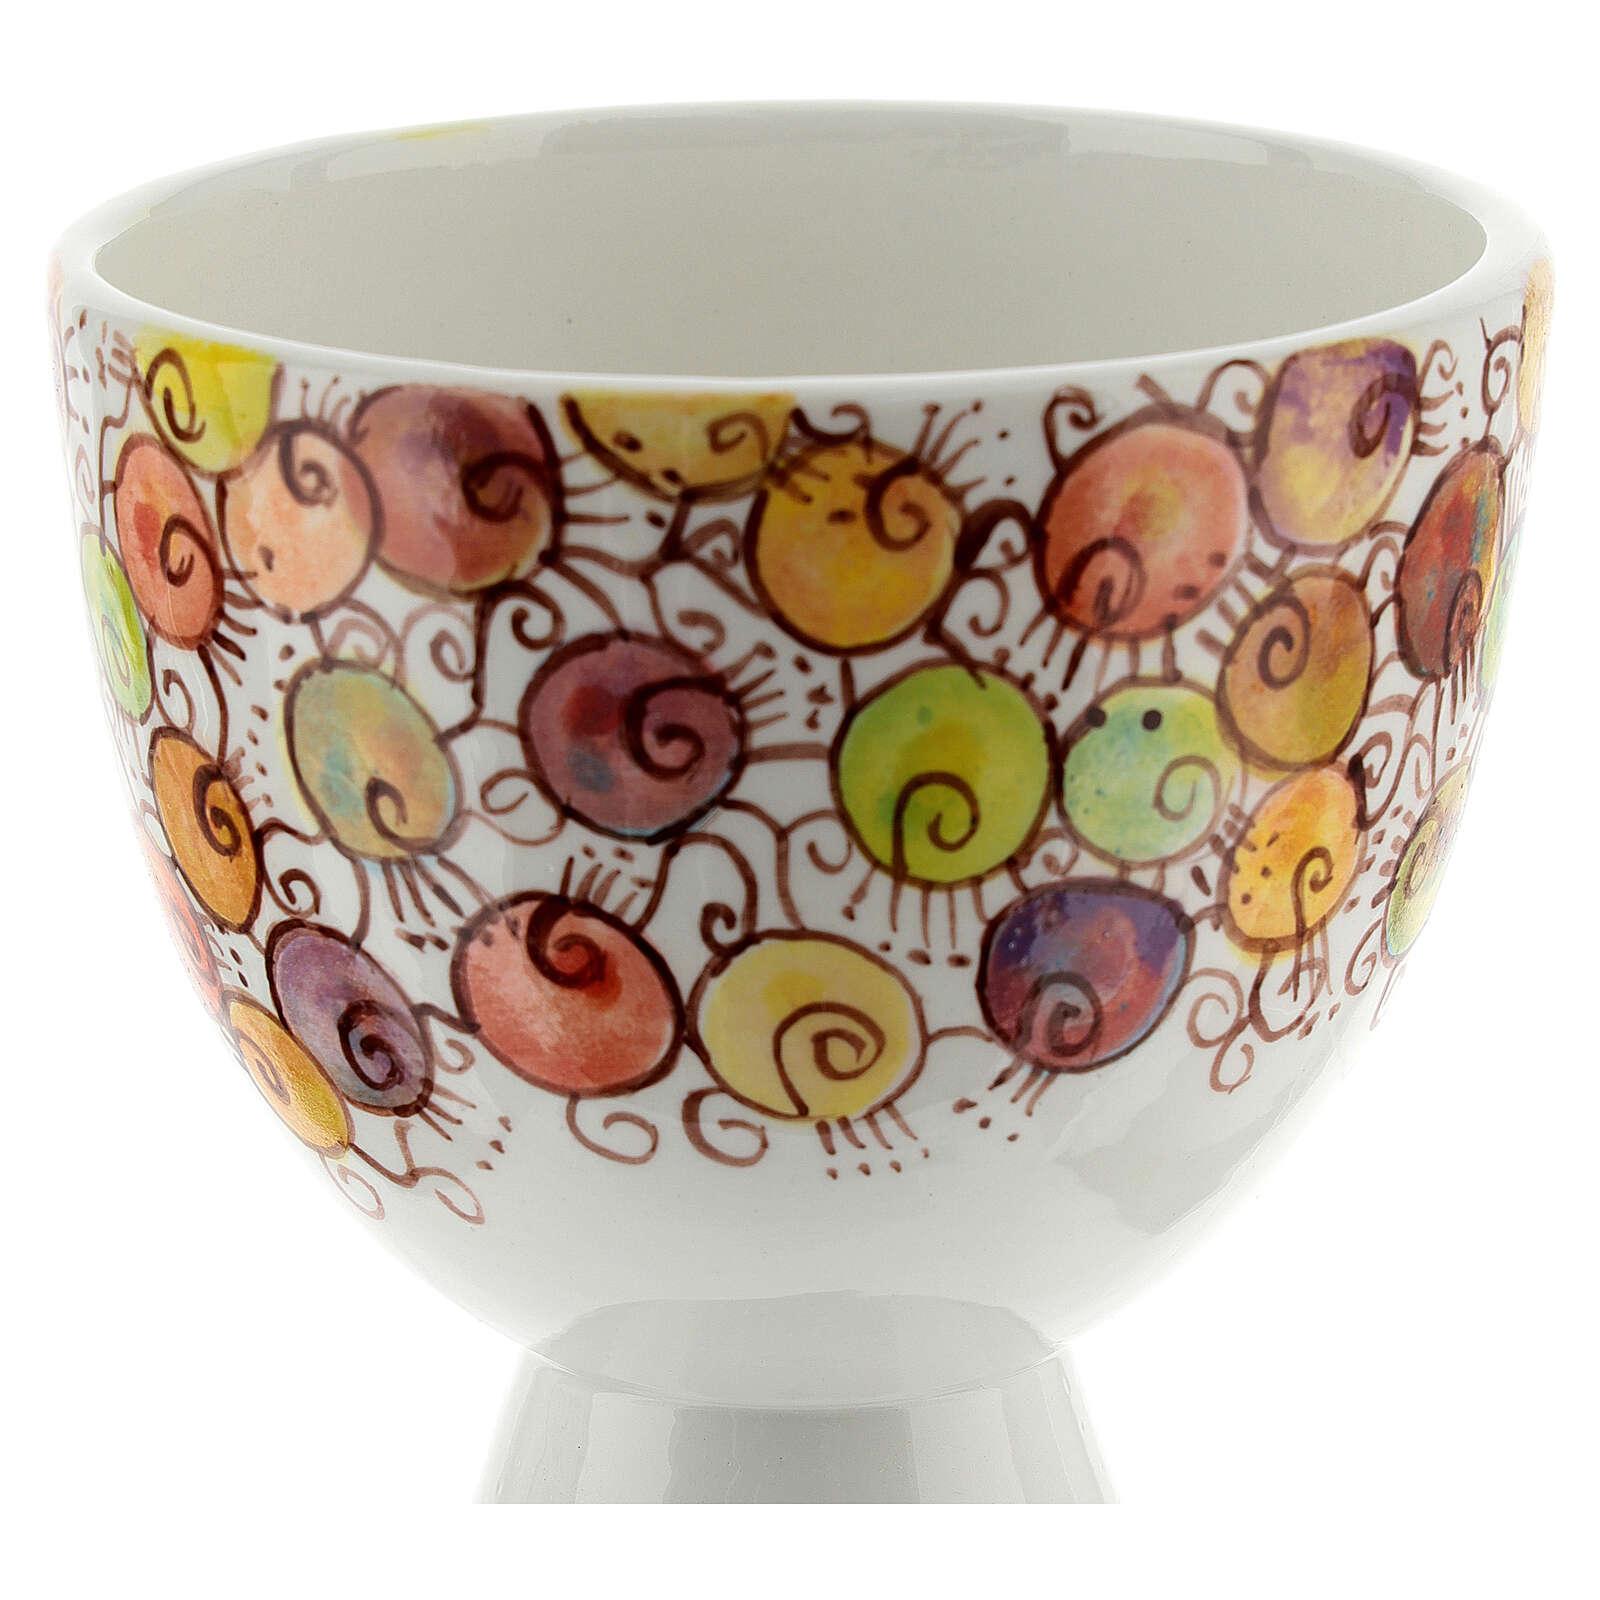 Calicino ceramica Linea Bacche 10 cm 4